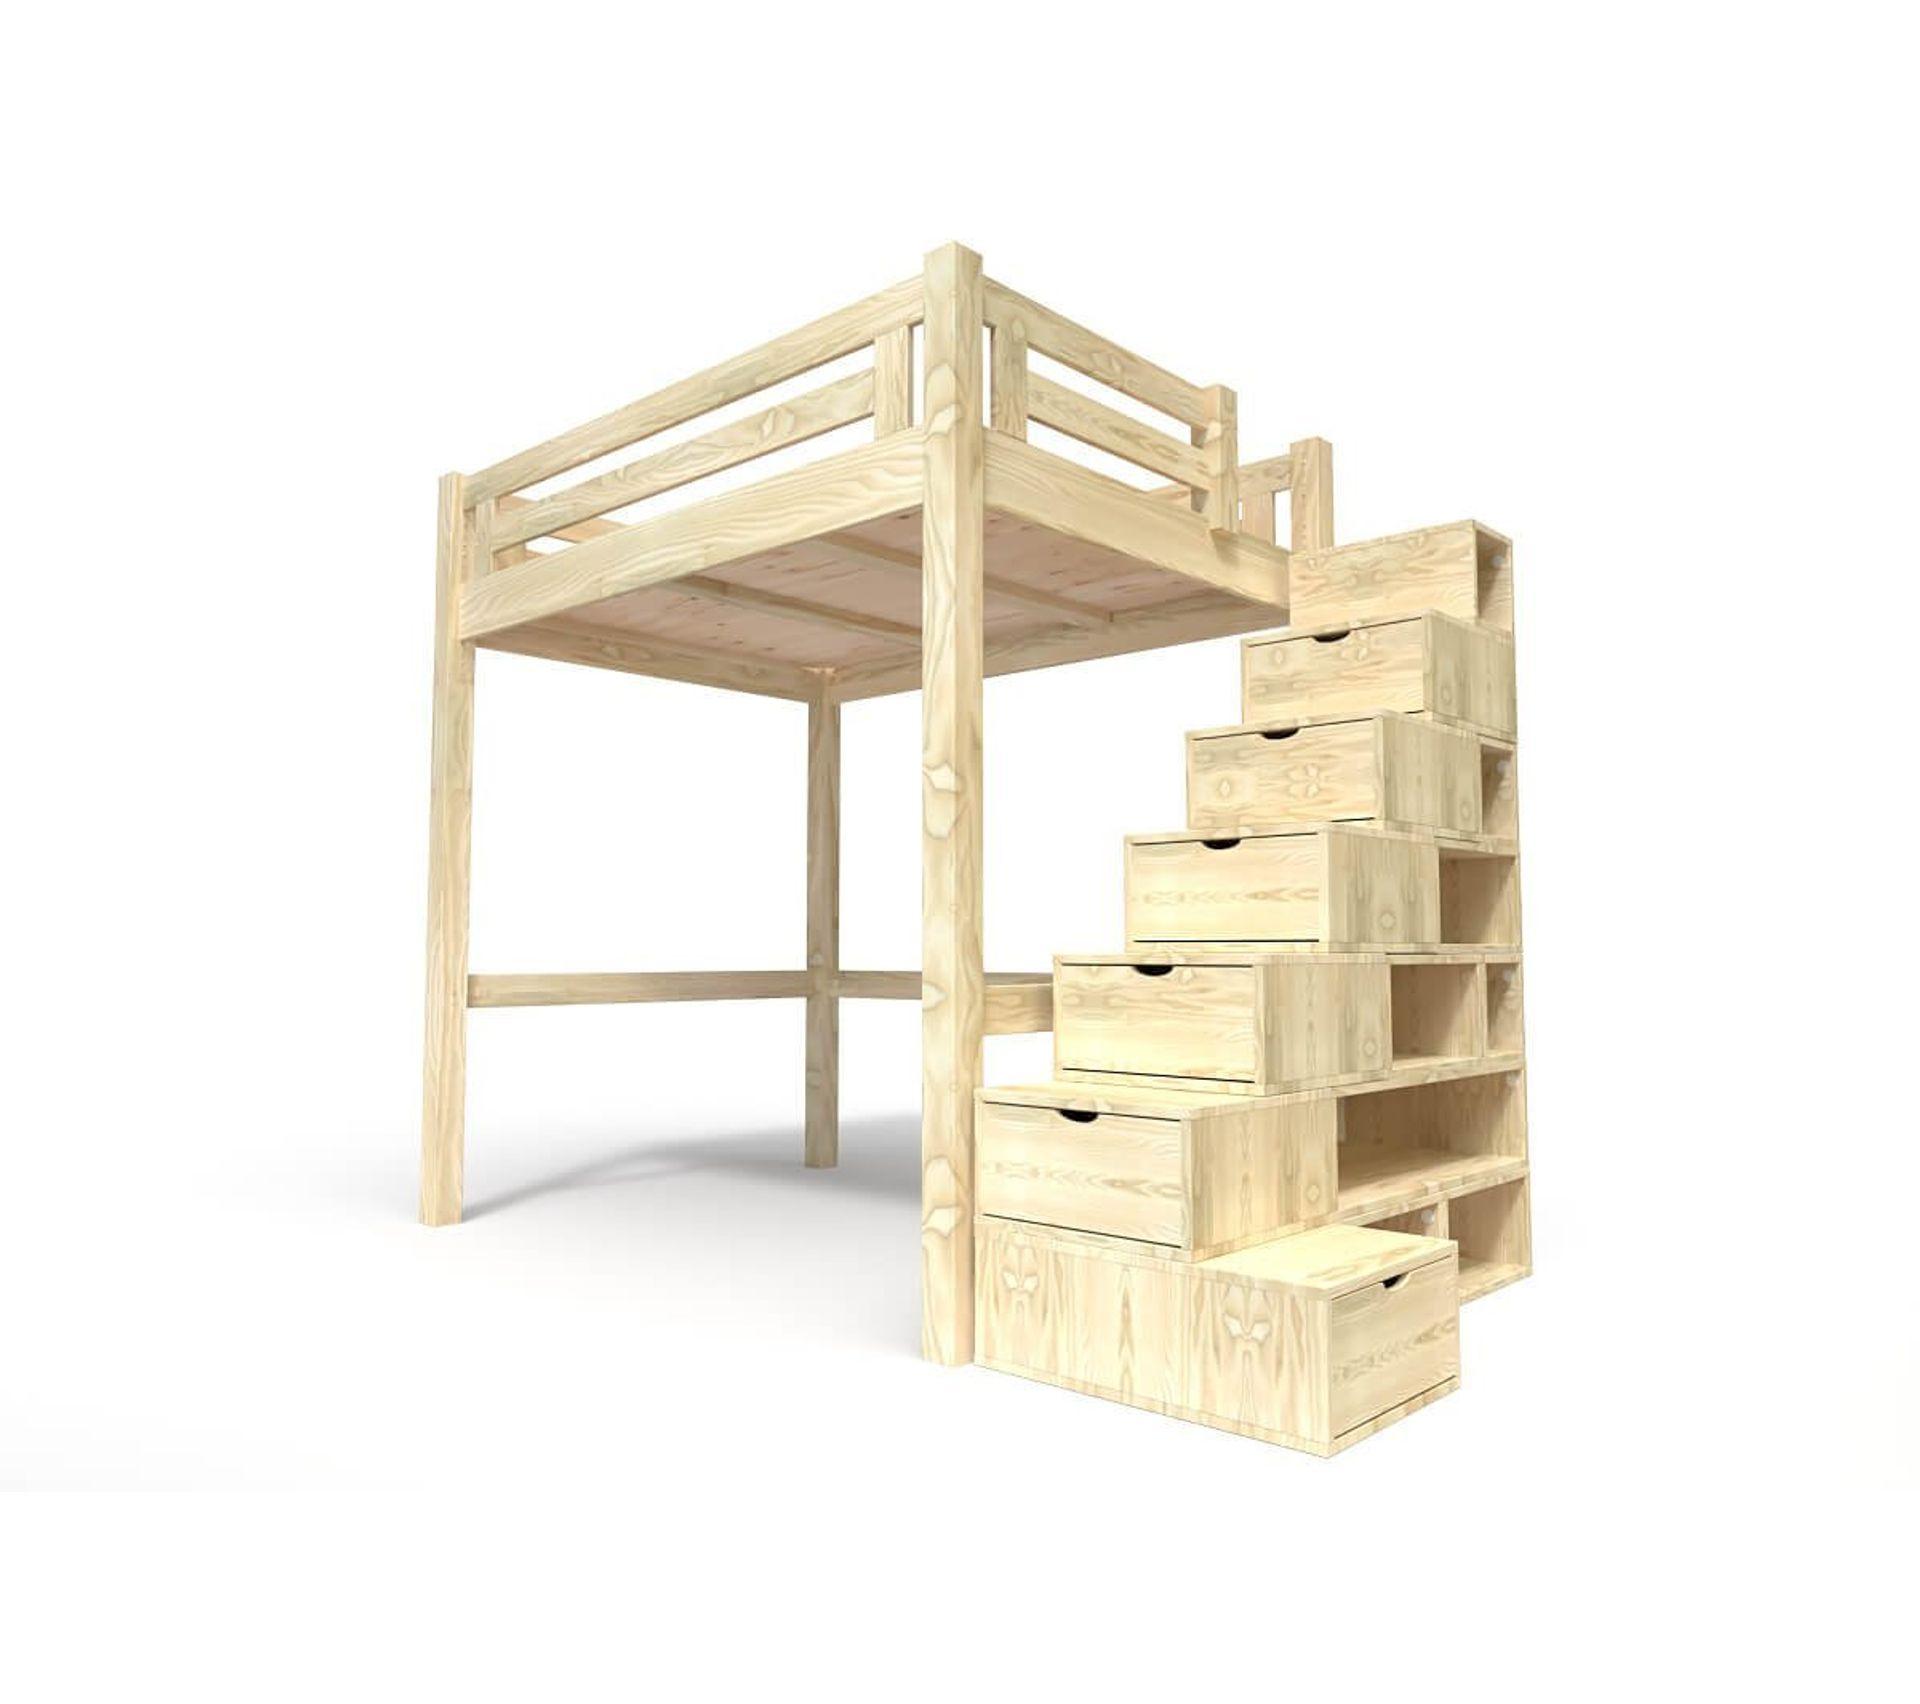 Lit Superposé Marche Escalier lit mezzanine alpage bois + escalier cube hauteur réglable, couleur: brut,  dimensions: 120x200